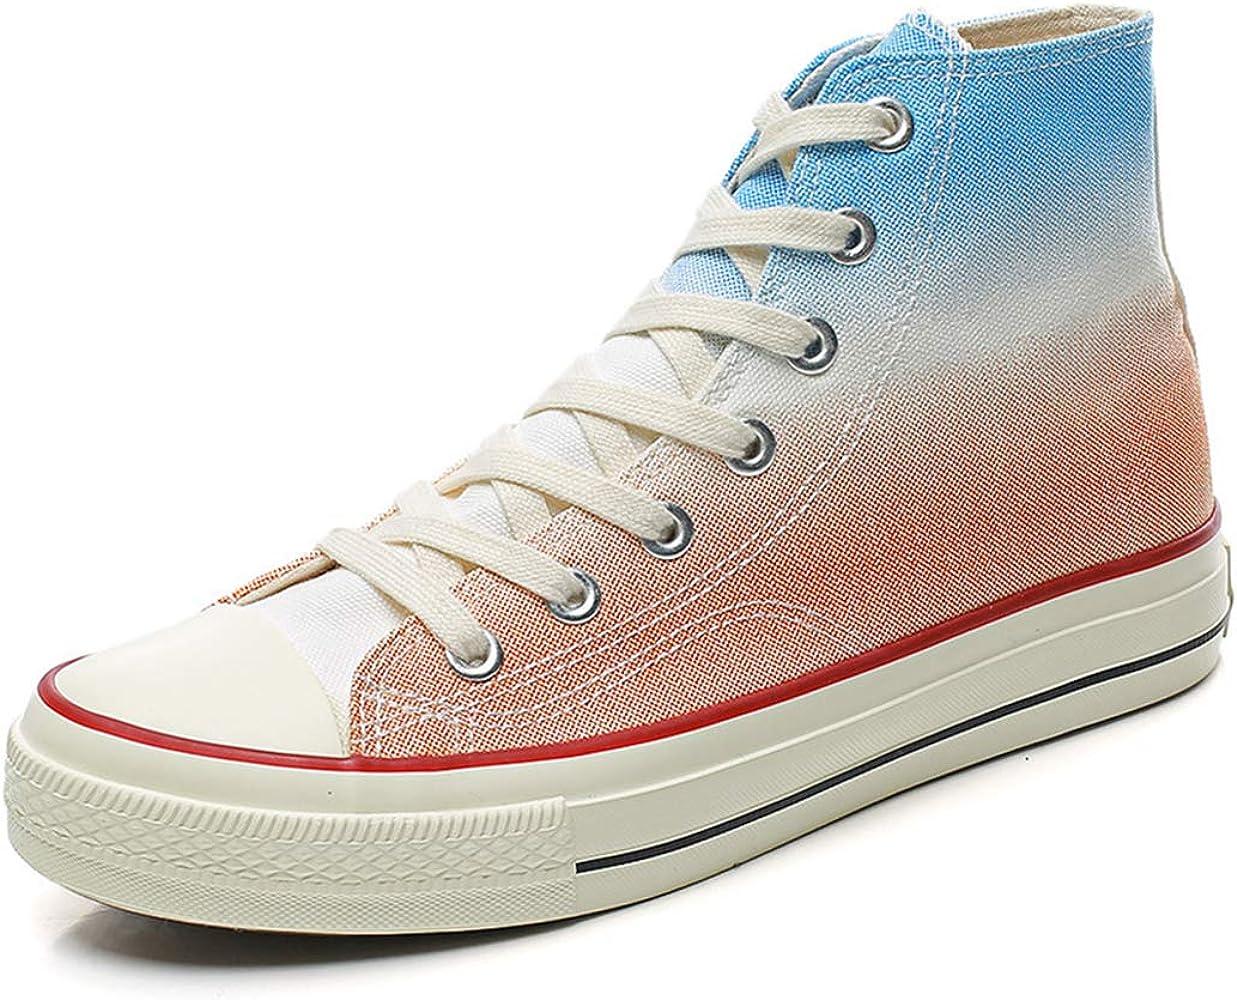 JUNMAONO Hombres Zapatos de Lona Arcoiris Transpirable Zapatos de Malla Altas Zapatos Deportivos Estudiante Zapatos para Correr Tabla Baja Ayuda Zapatillas Inferiores Suaves Zapatillas De Running: Amazon.es: Ropa y accesorios